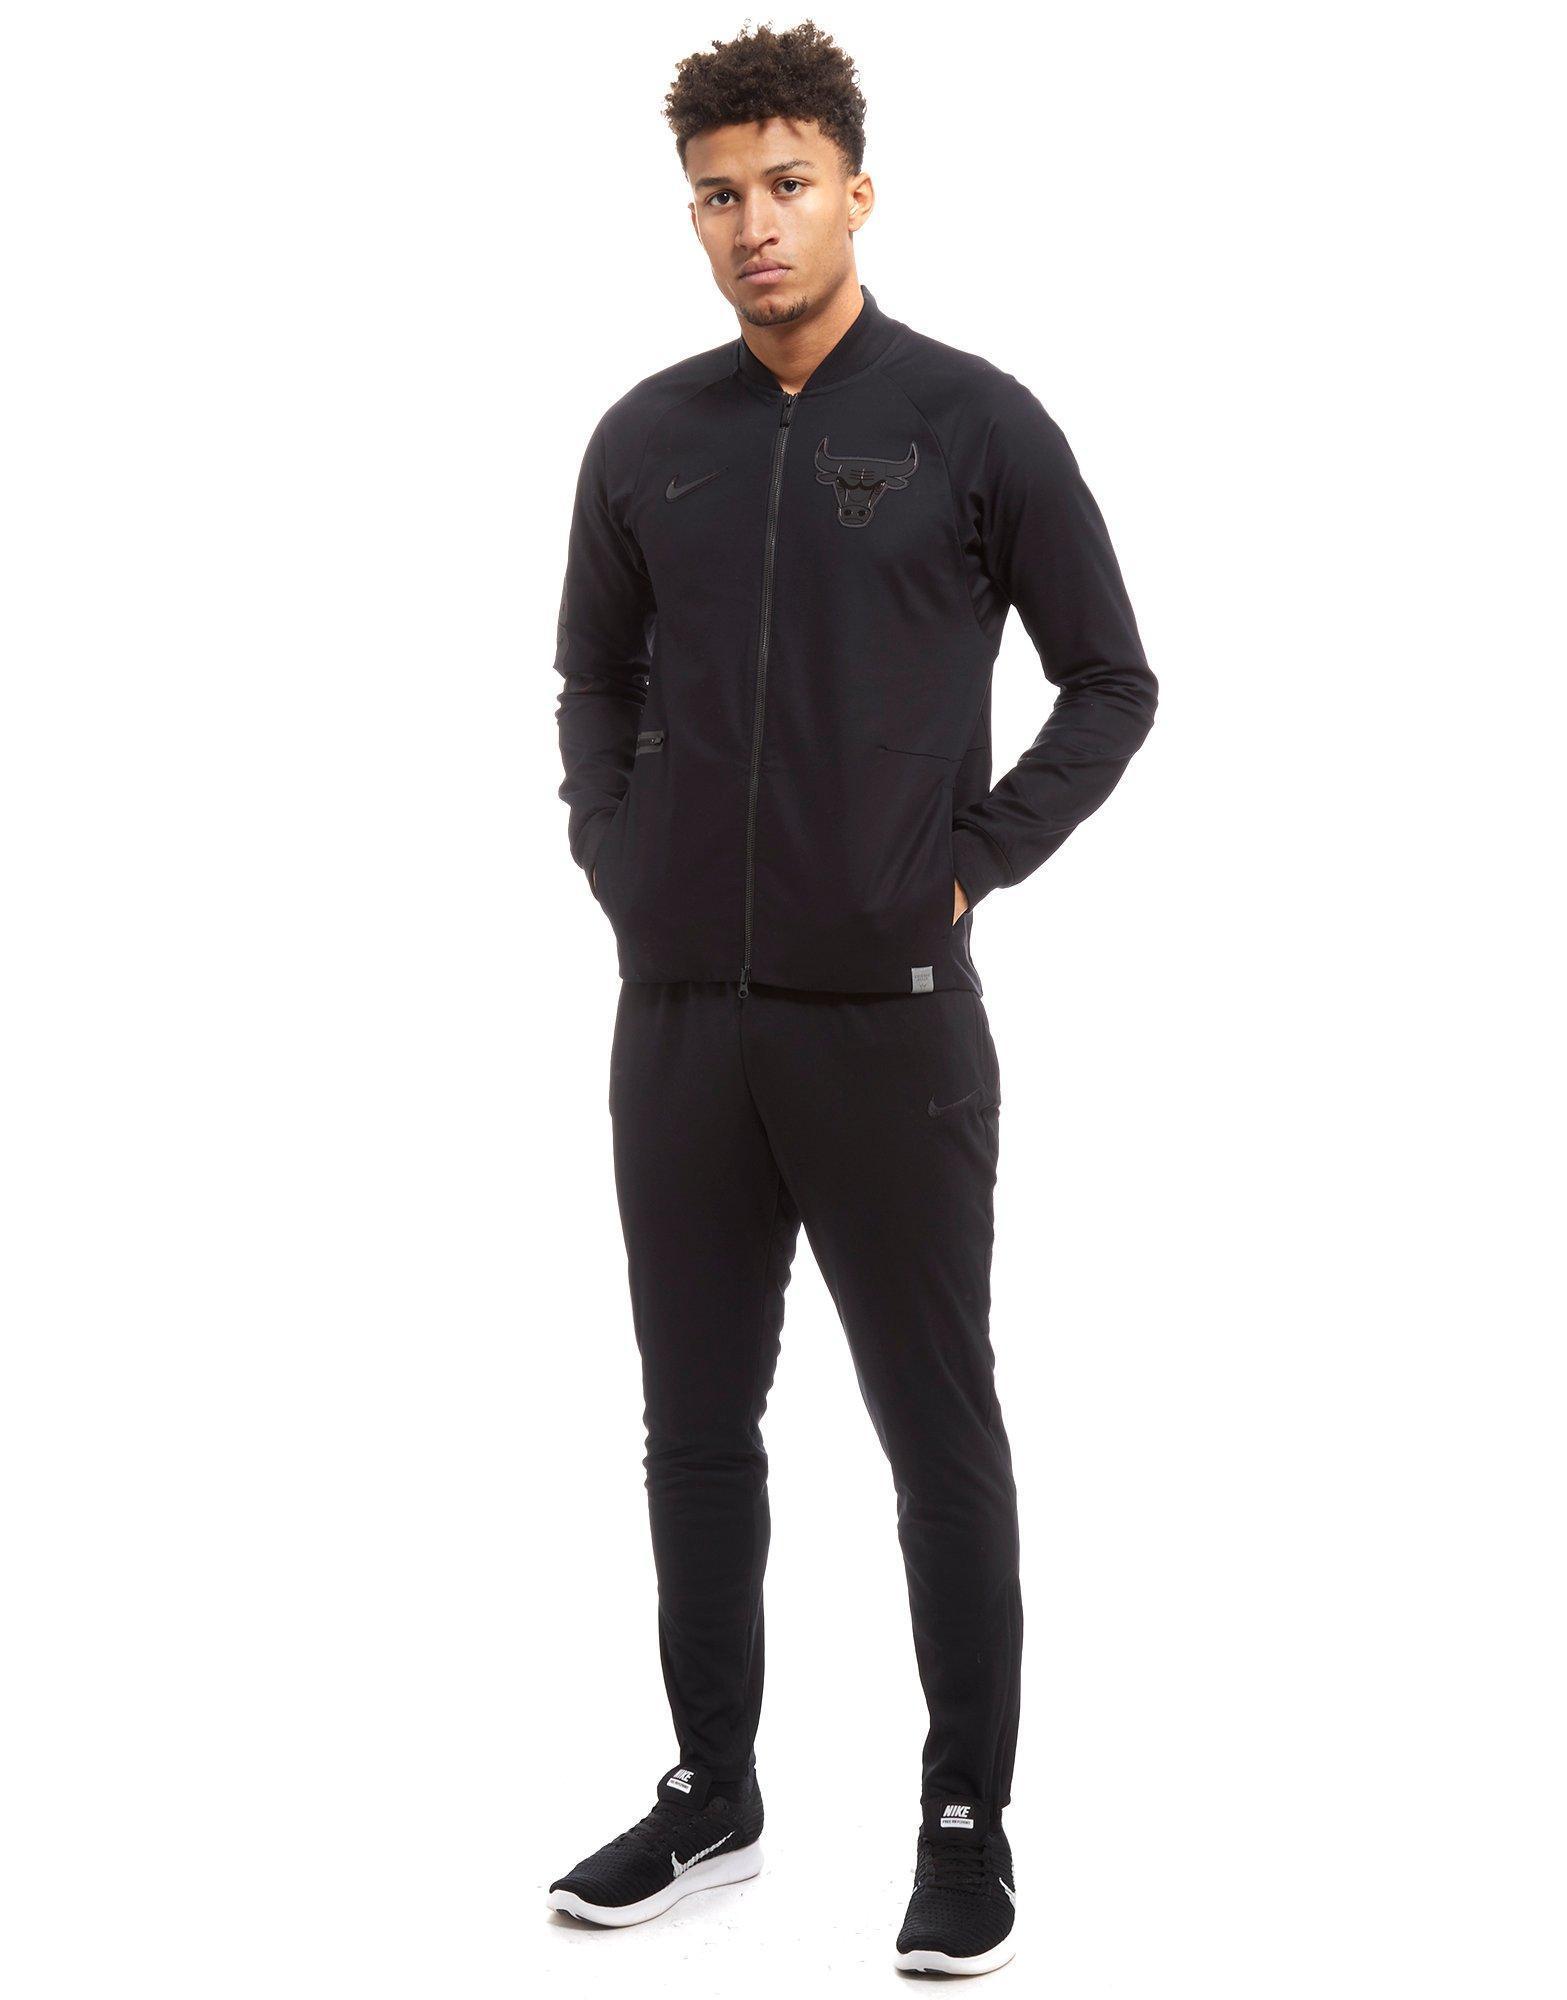 Lyst - Nike Nba Chicago Bulls Varsity Jacket in Black for Men 668ba1221033